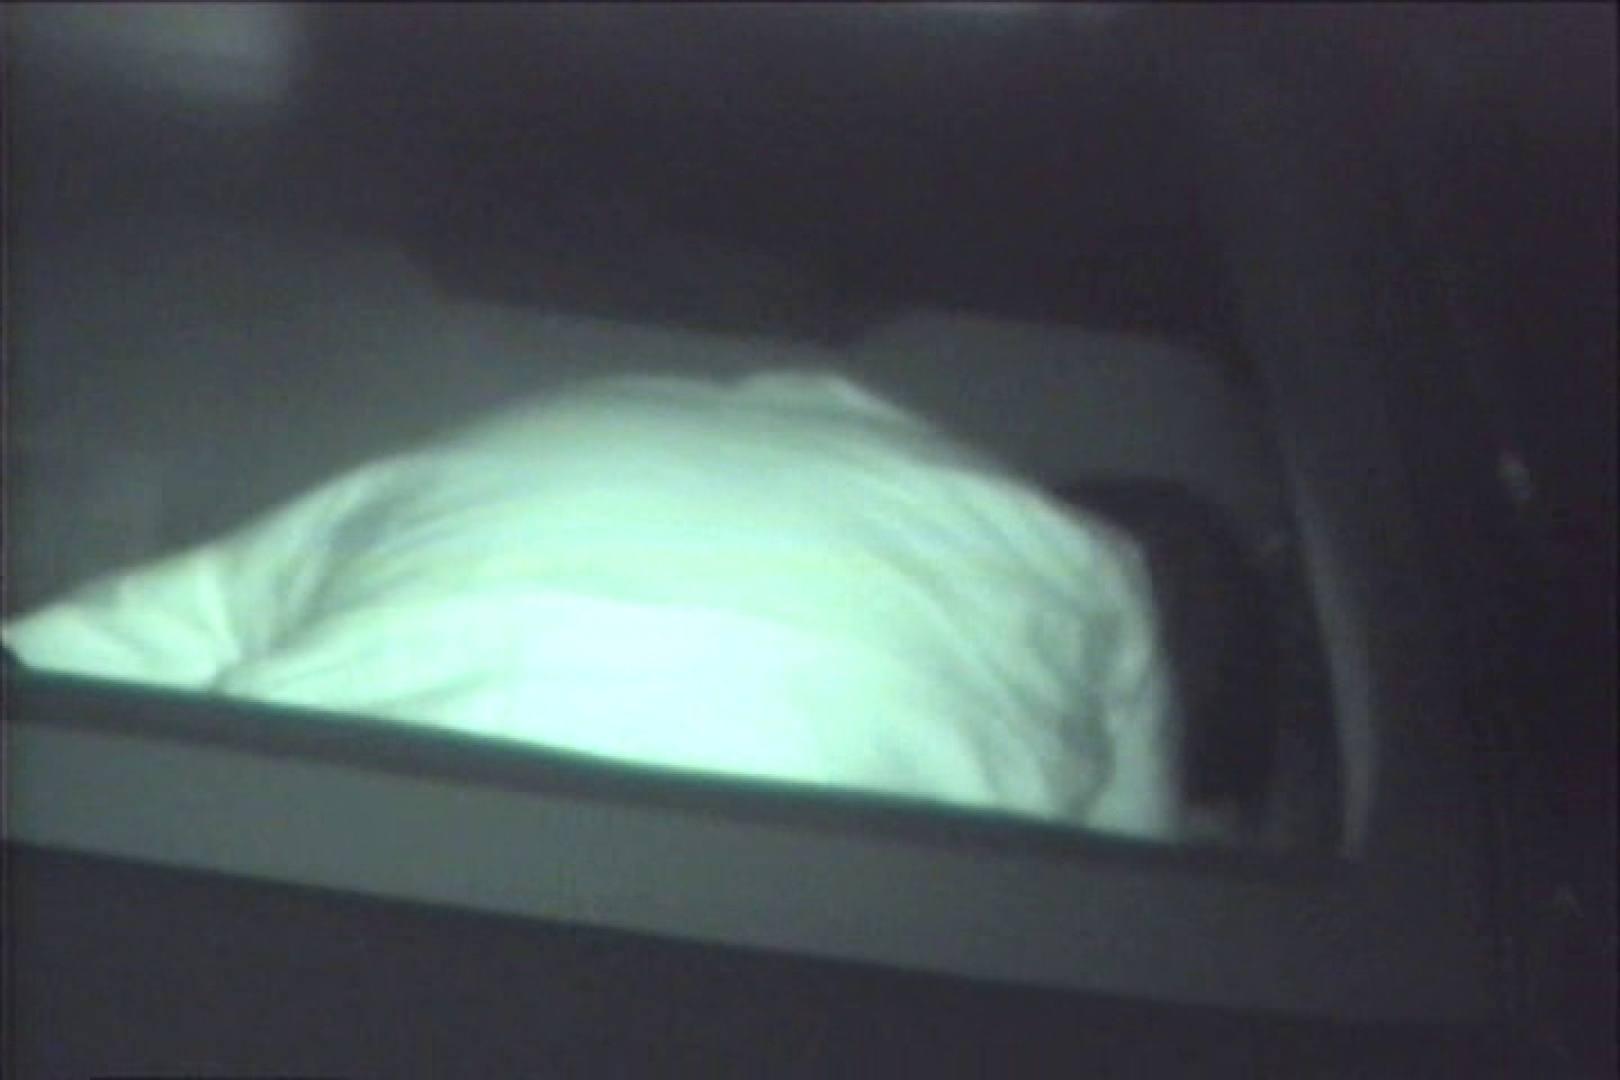 車の中はラブホテル 無修正版  Vol.18 セックス オマンコ動画キャプチャ 100pic 72